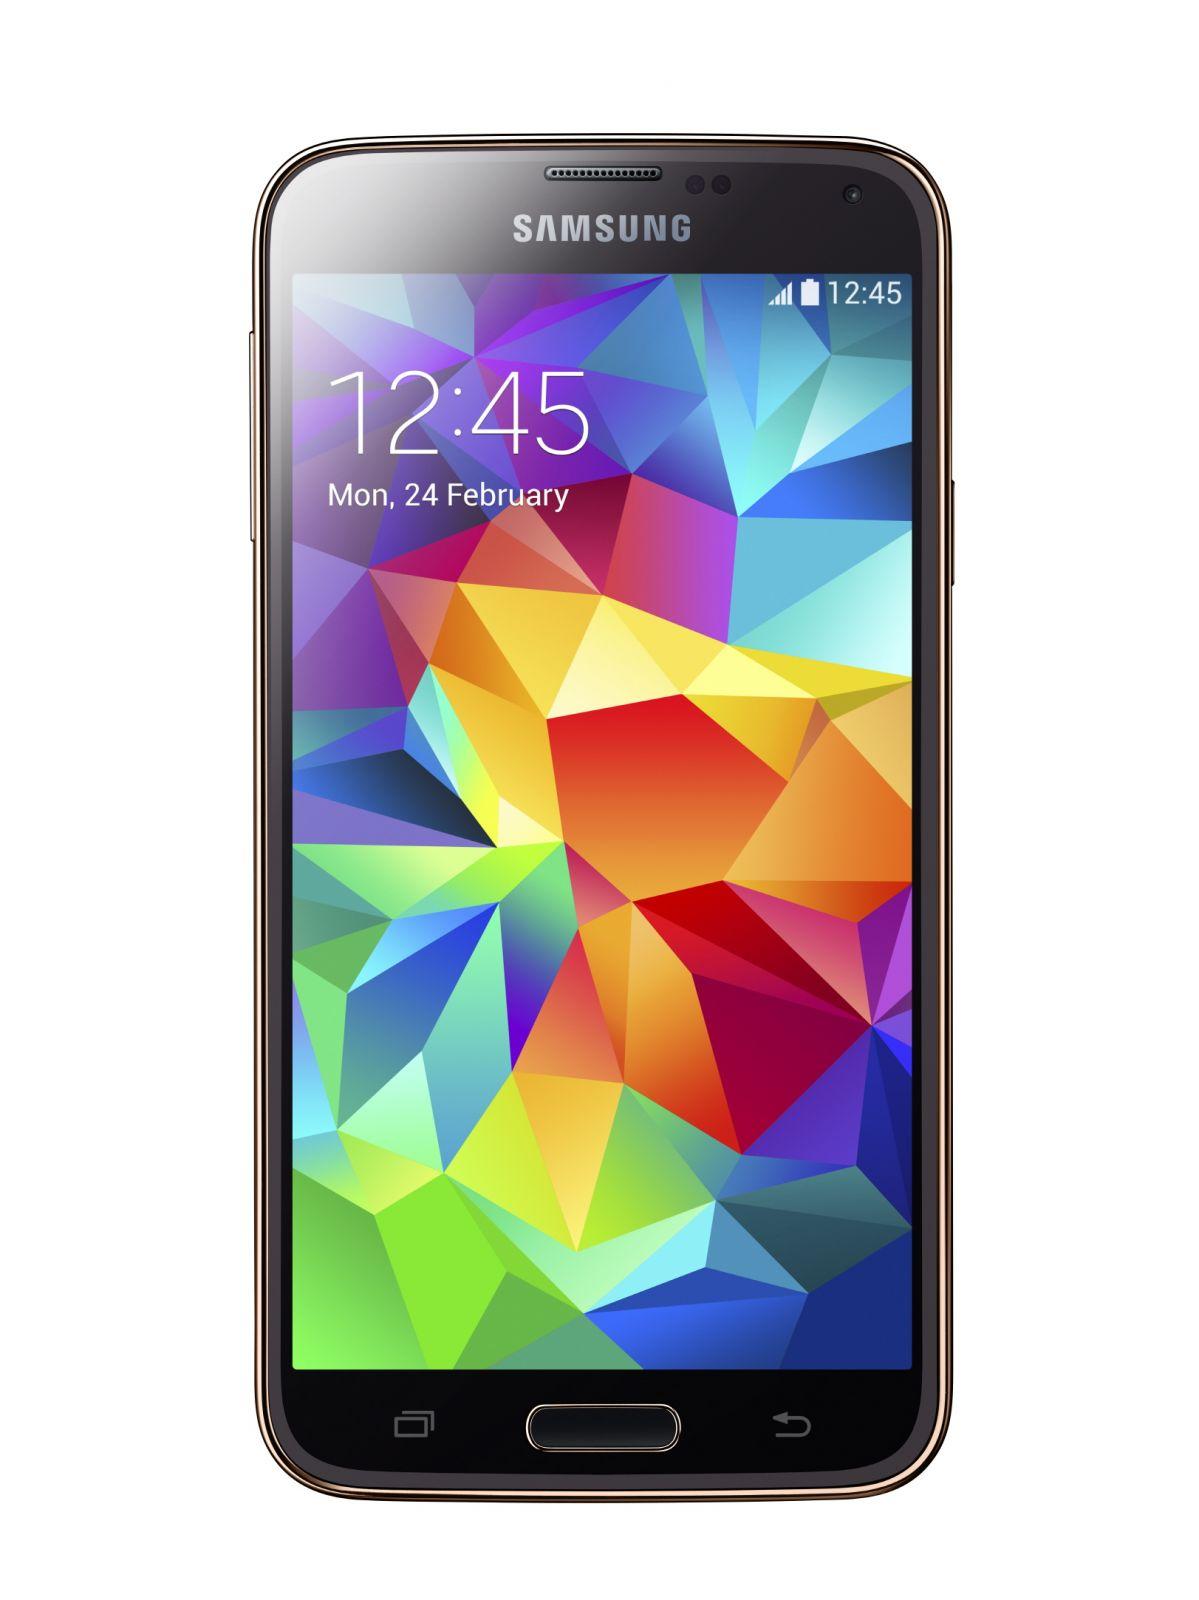 Galaxy S5 e primul telefon care iti permite sa faci HDR preview in timp real, inainte sa faci poza.